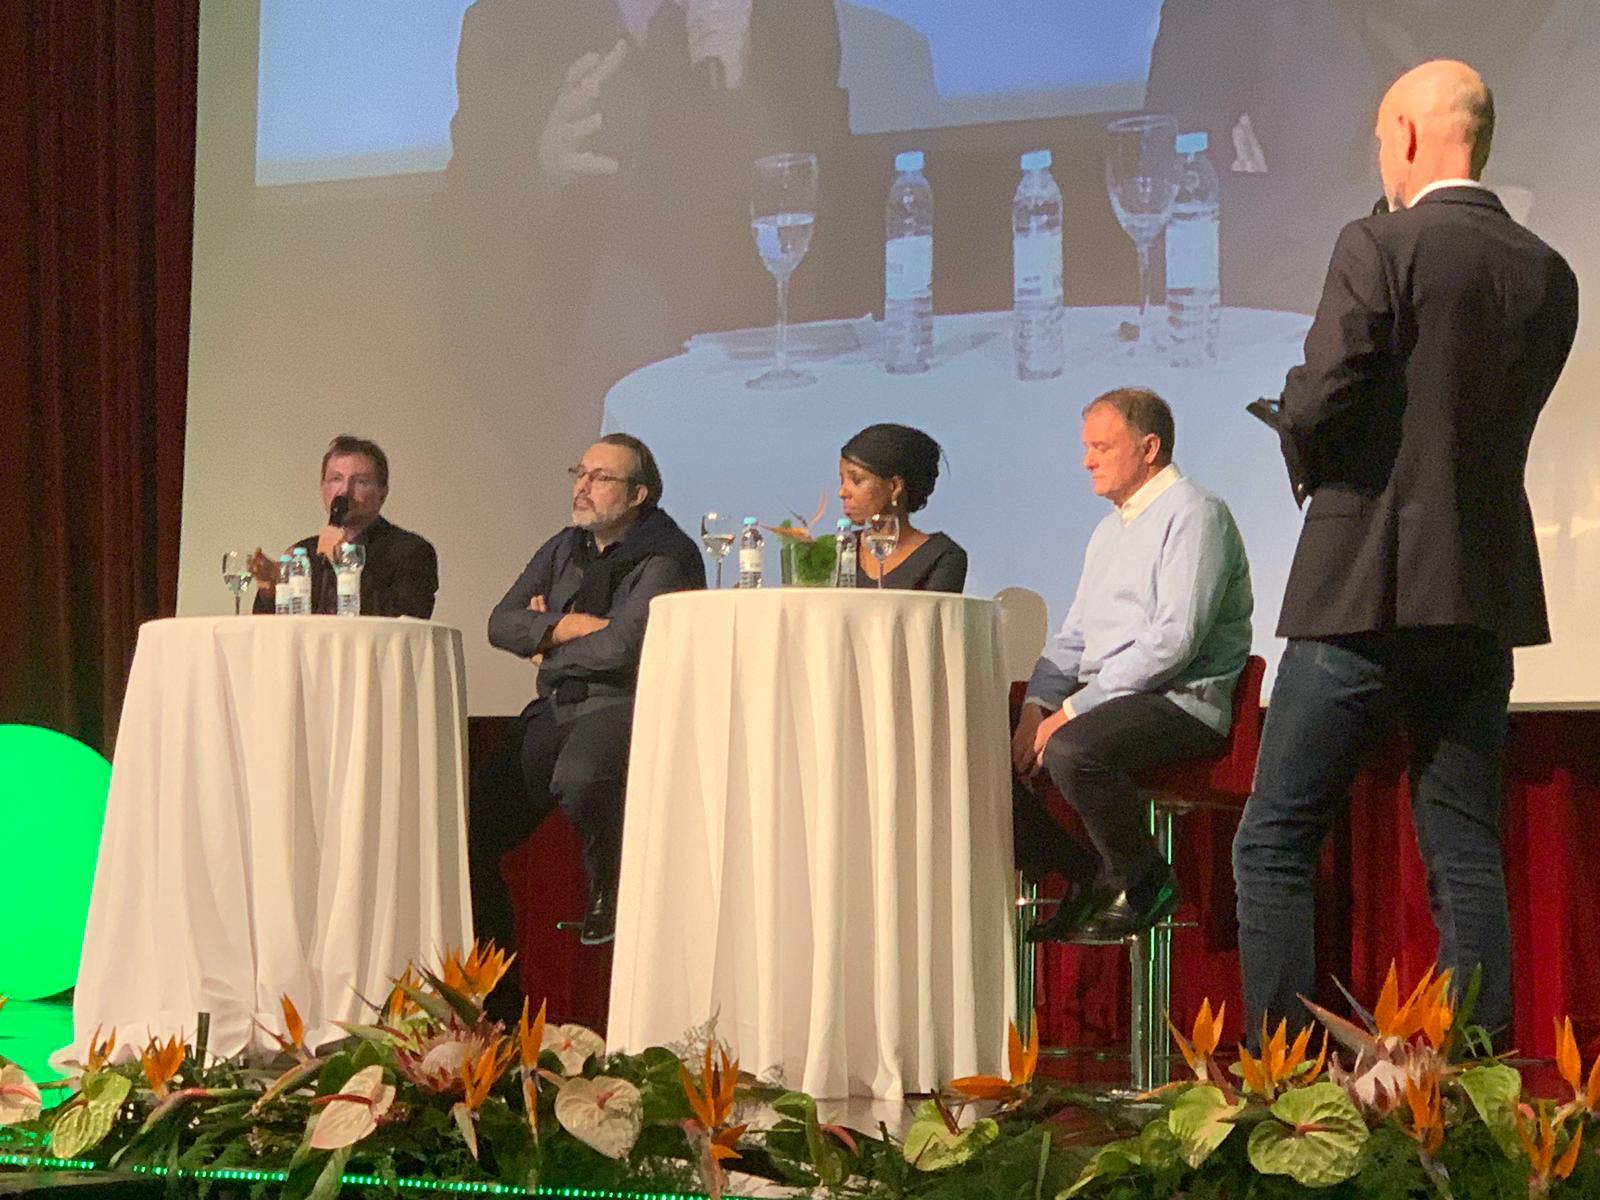 Débat sur le sur-tourisme avec Rodolphe Christin, Jean-Pierre Nadir (Easyvoyage), Alain Capestan (Voyageurs du Monde) et Hamida Rezeg (vice-présidente de la région Île-de-France) - Photo EDV Facebook